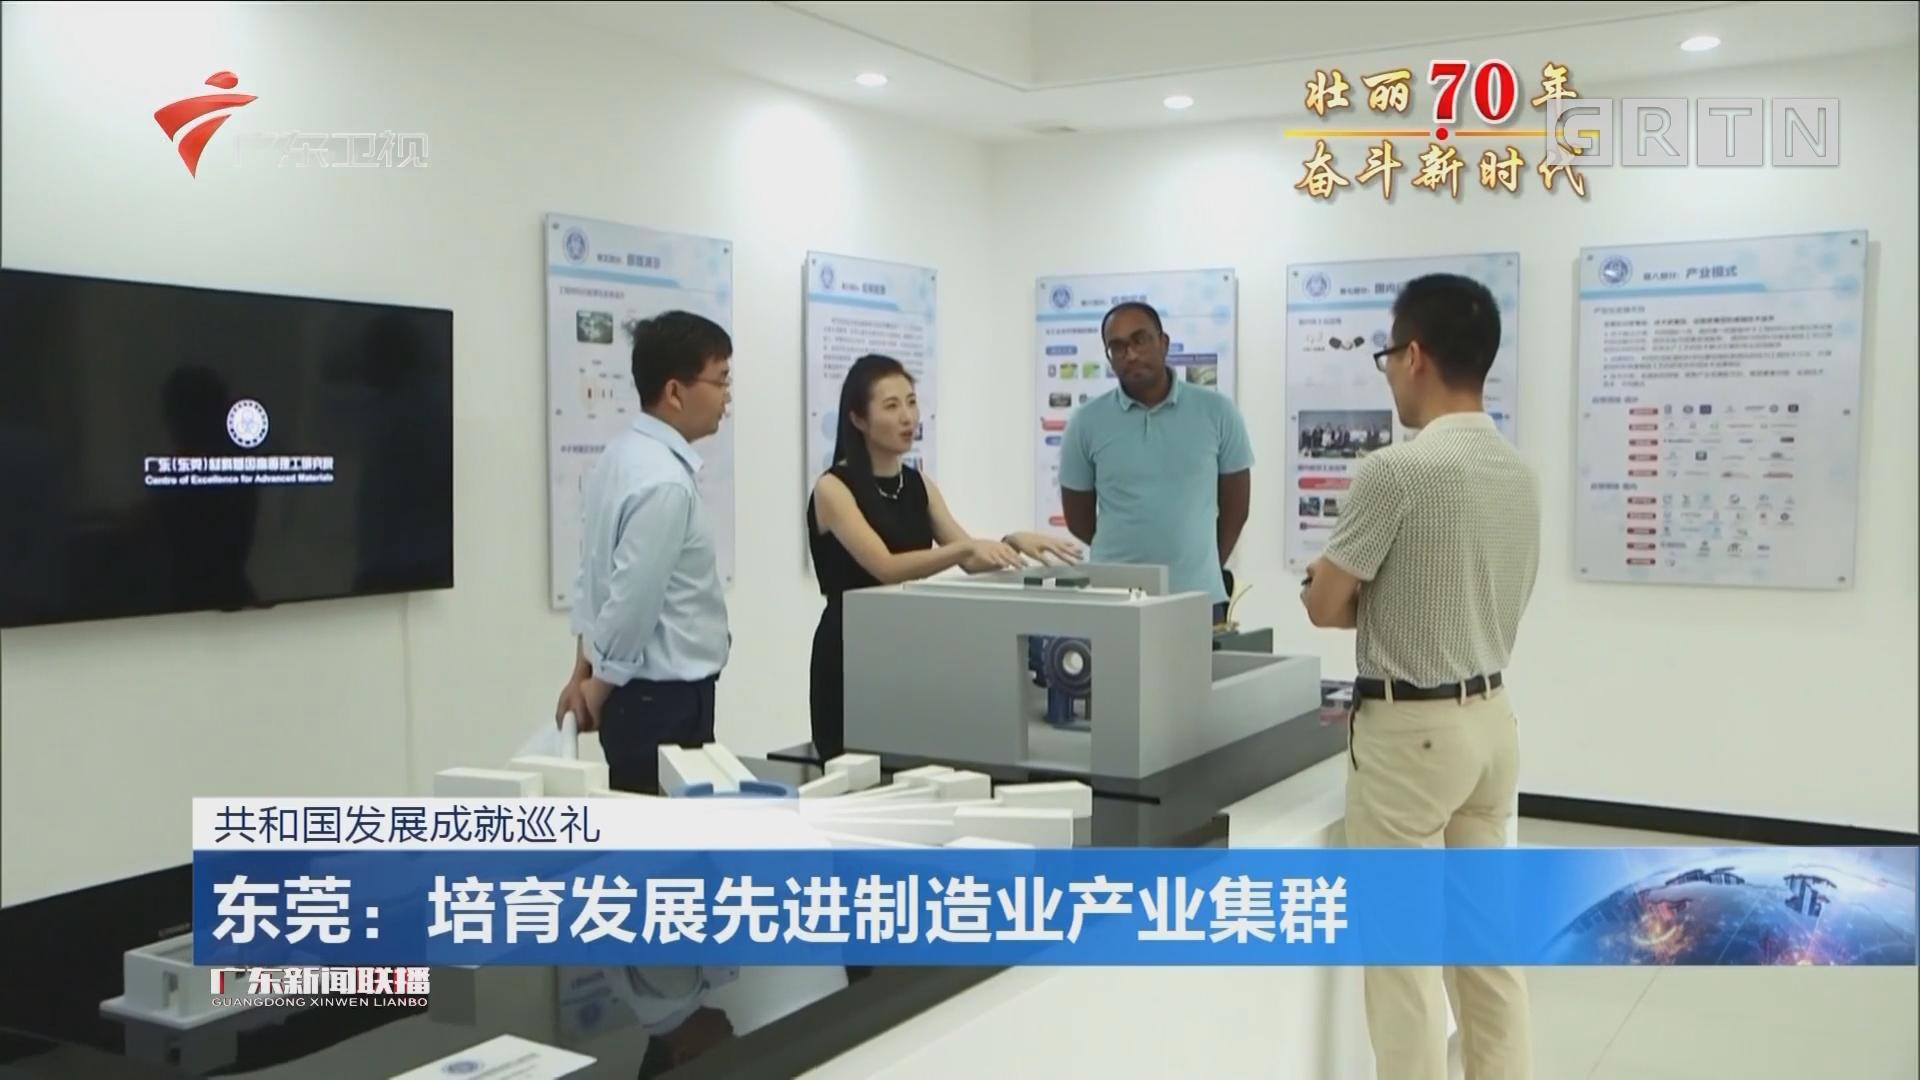 东莞:培育发展先进制造业产业集群